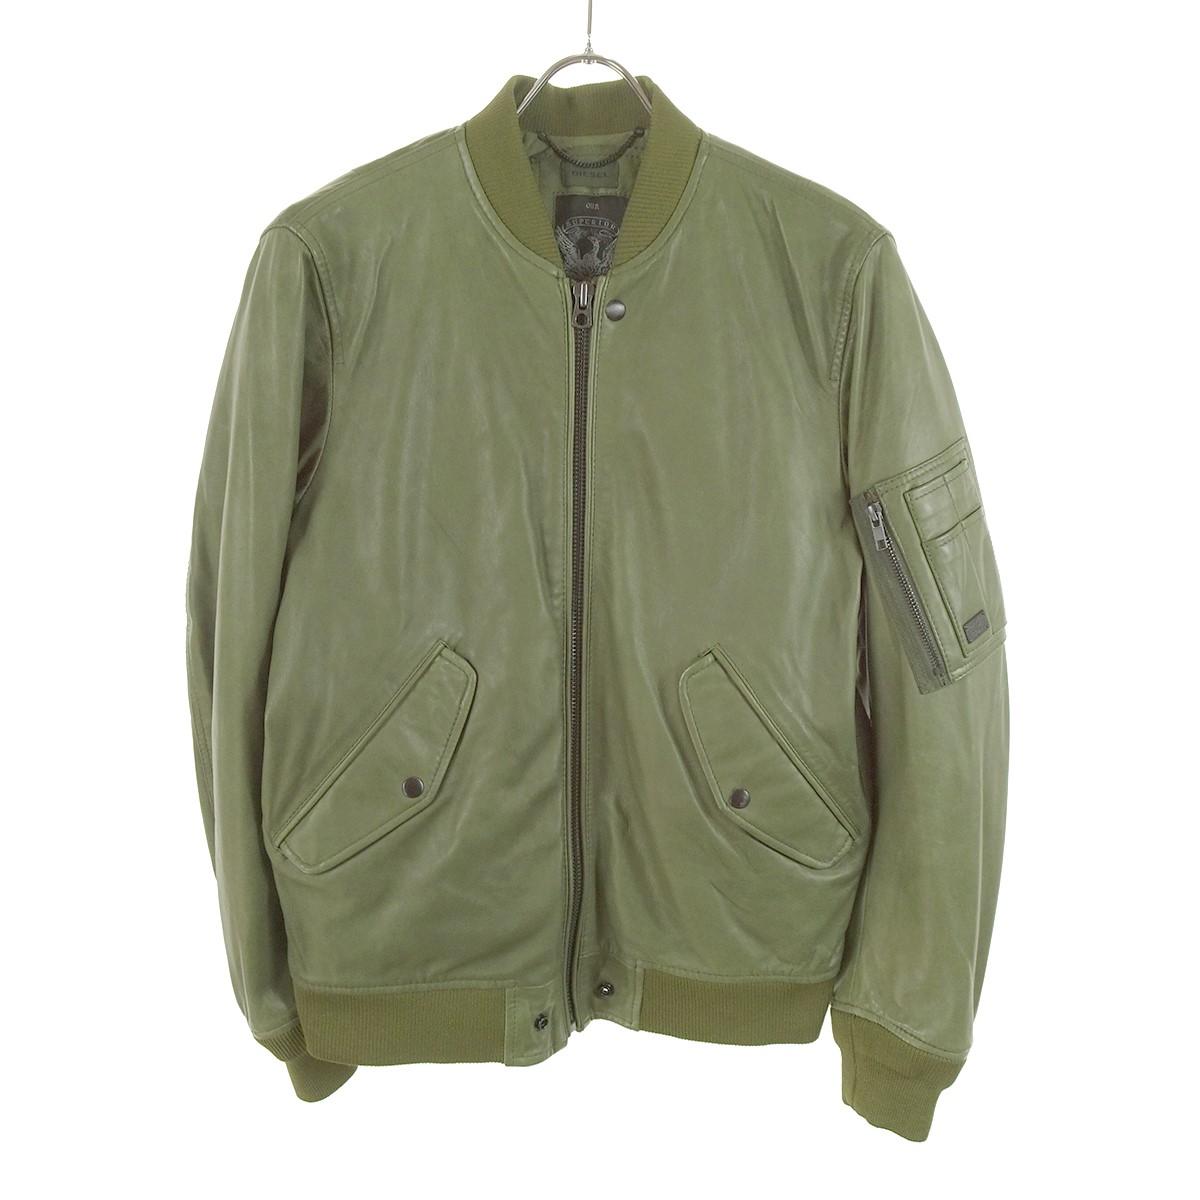 【中古】DIESEL レザー M-1ジャケット カーキ サイズ:S 【180120】(ディーゼル)